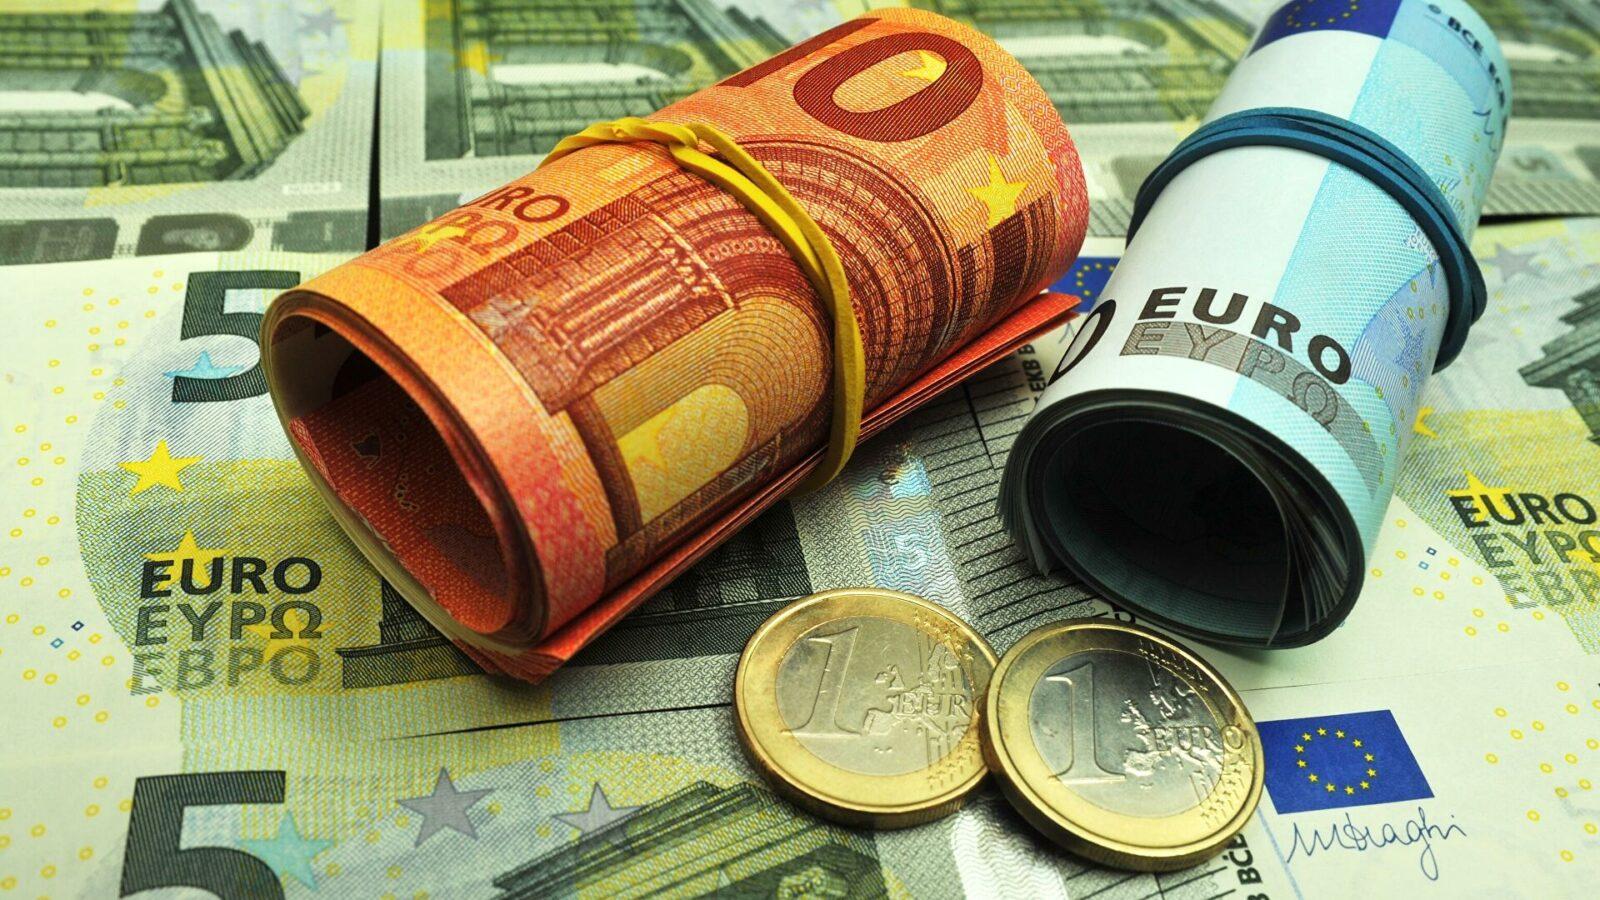 Инвестиции в еврооблигации: какие риски стоит учесть?